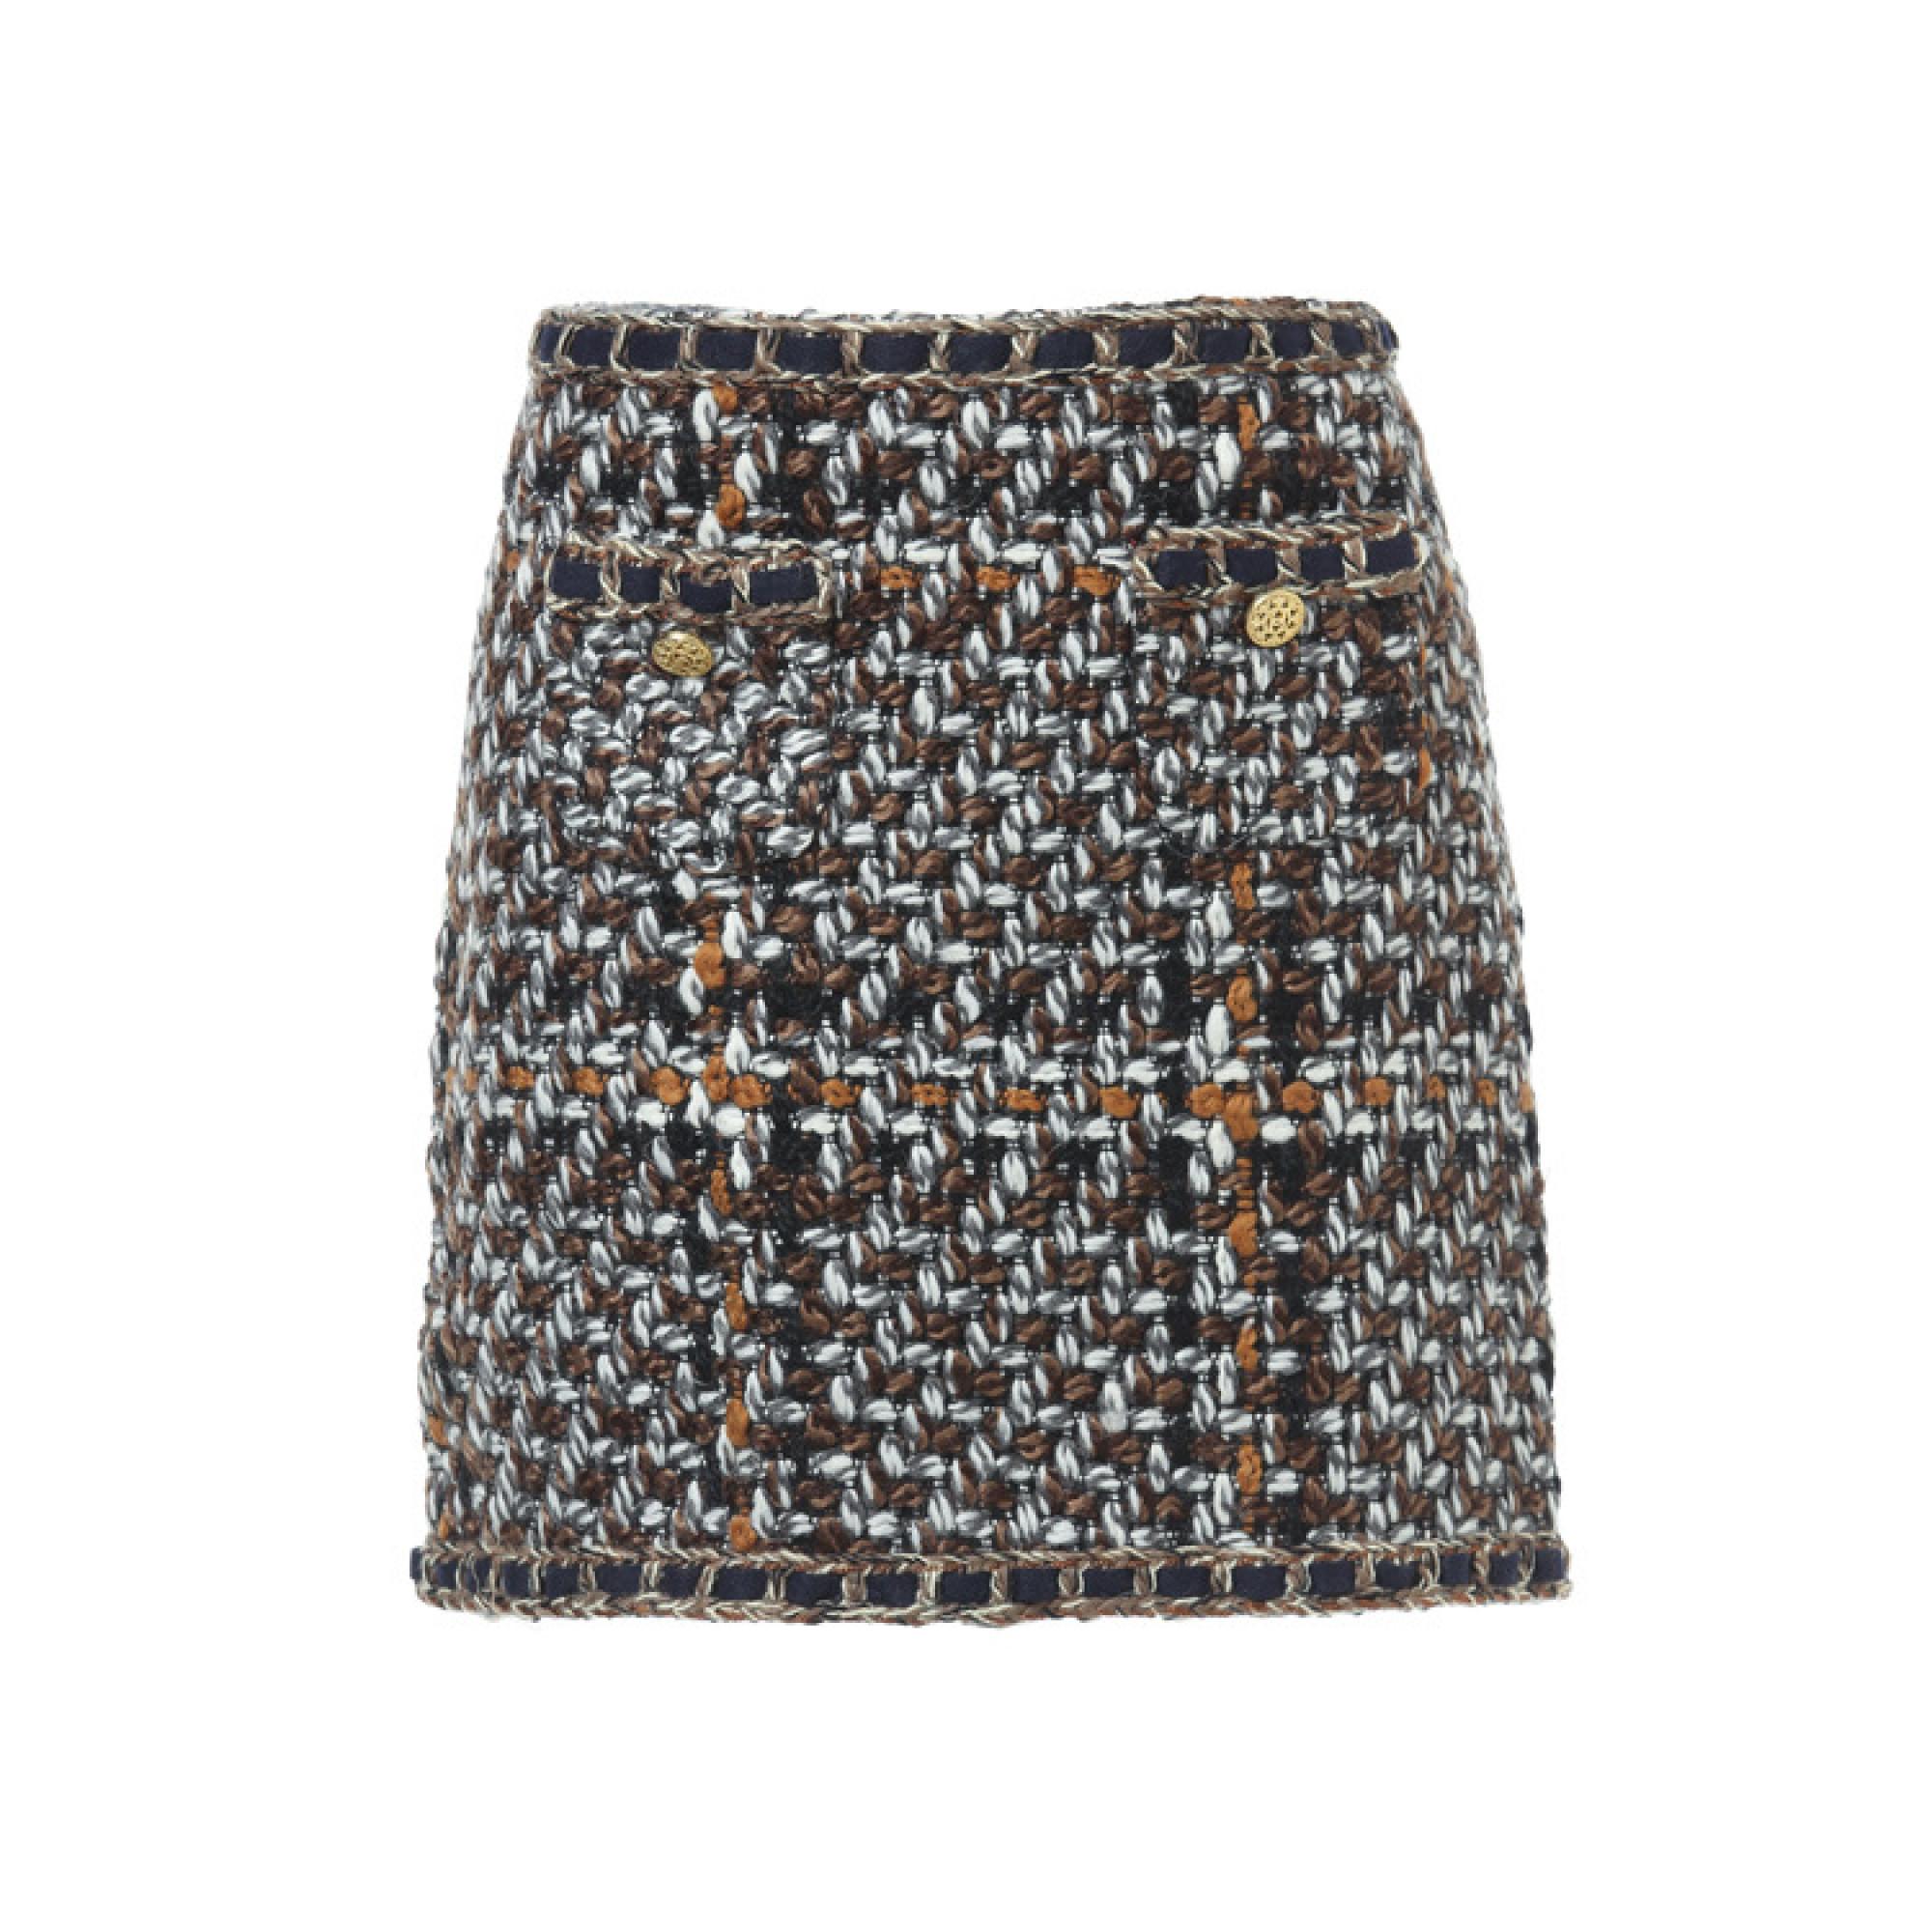 Купить твидовая юбка от Chanel — в Киеве, код товара 28456 51a040d1cf6